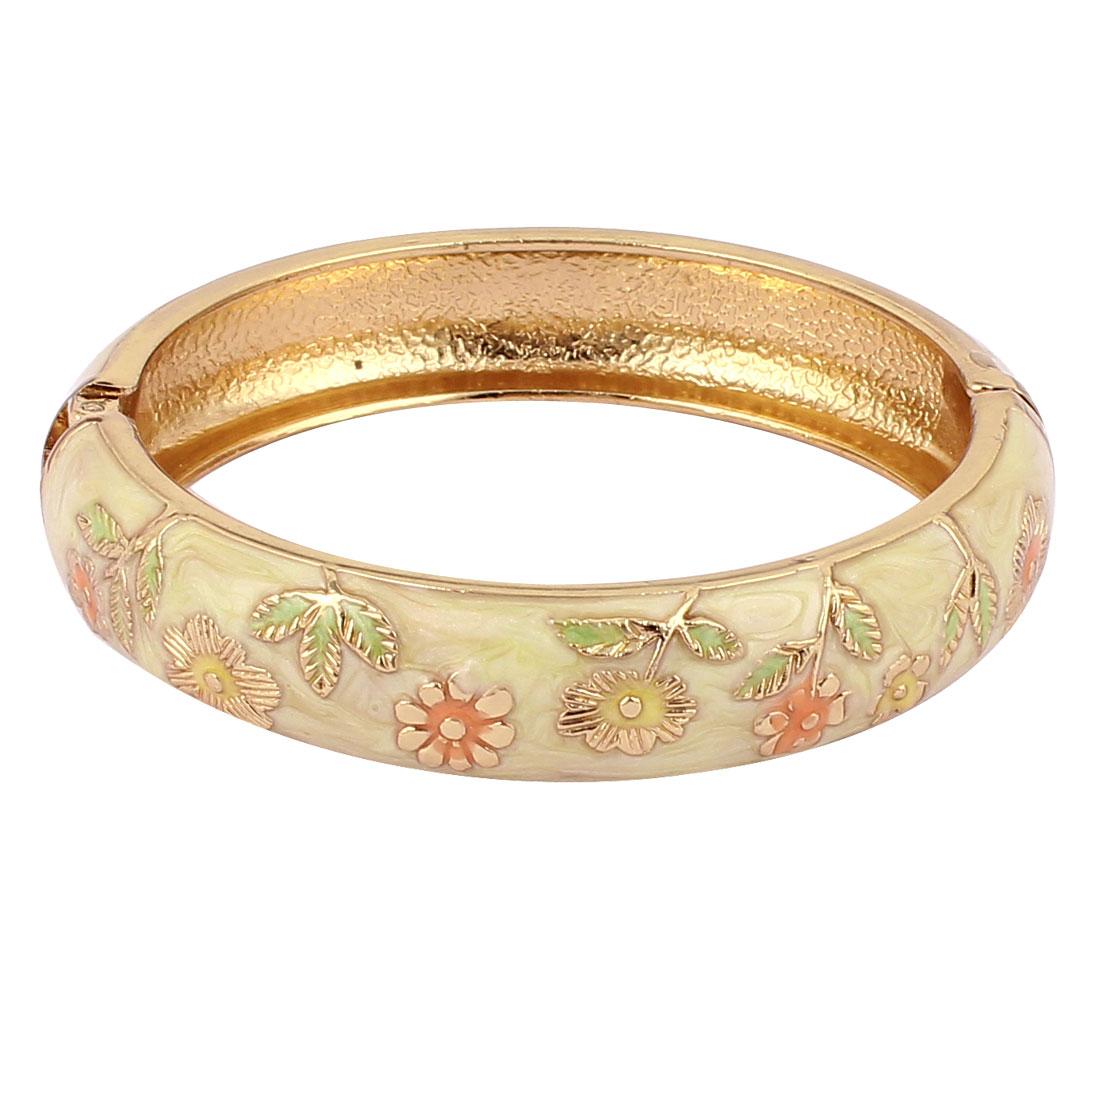 Lady Women Flower Carved Enamel Clasp Bangle Bracelet Gift Jewelry Beige